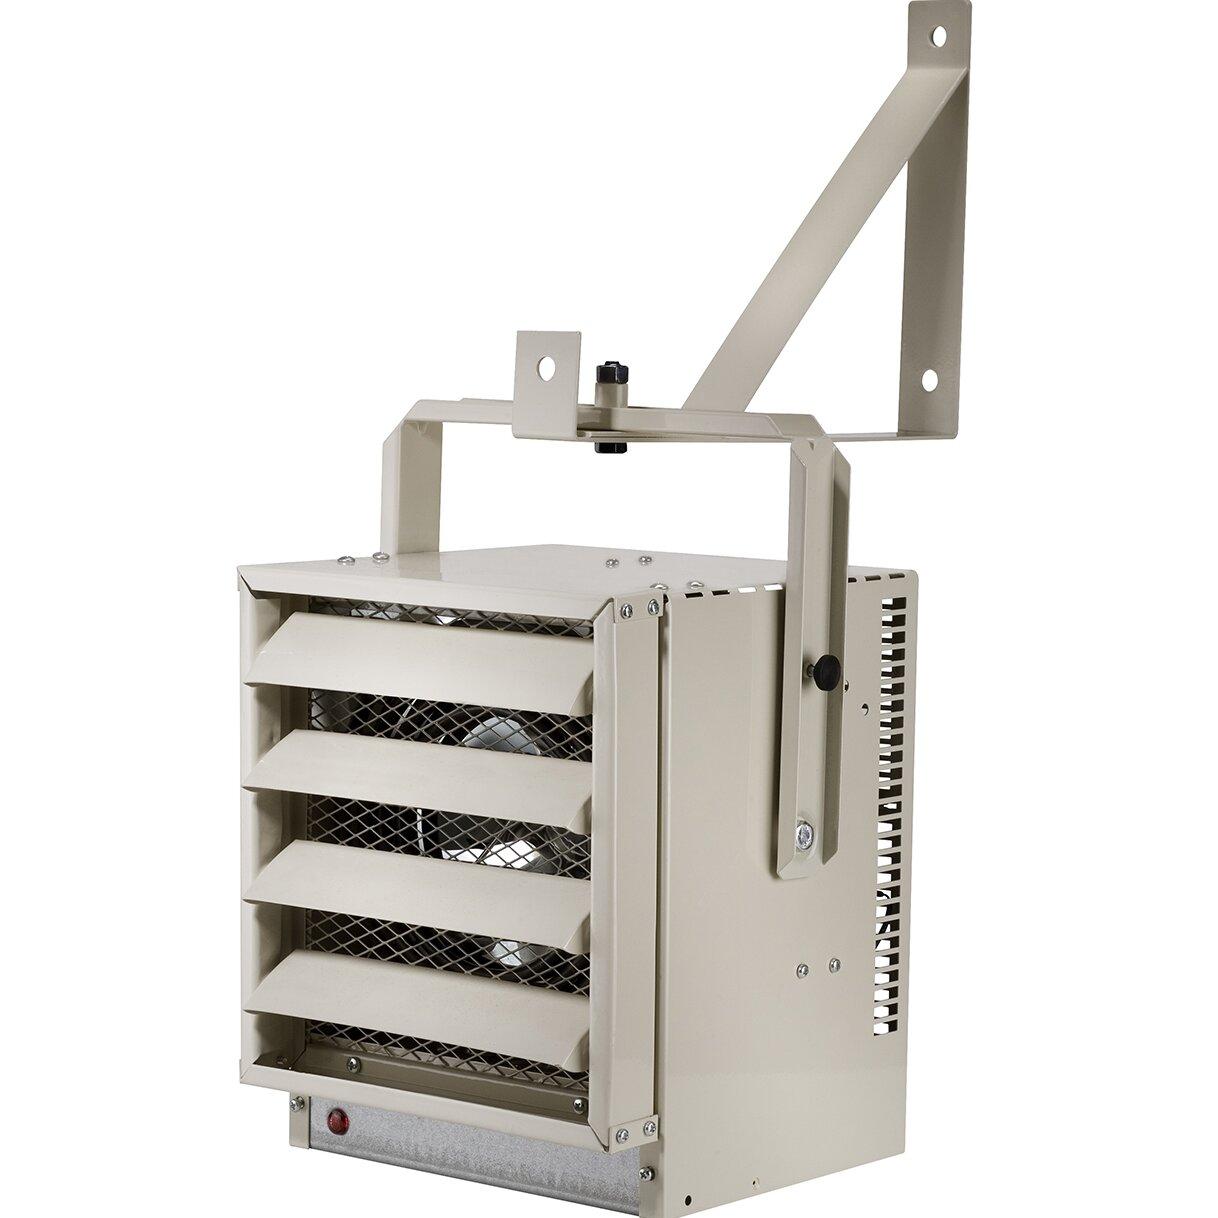 17 060 Btu Wall Mounted Electric Fan Compact Heater Wayfair